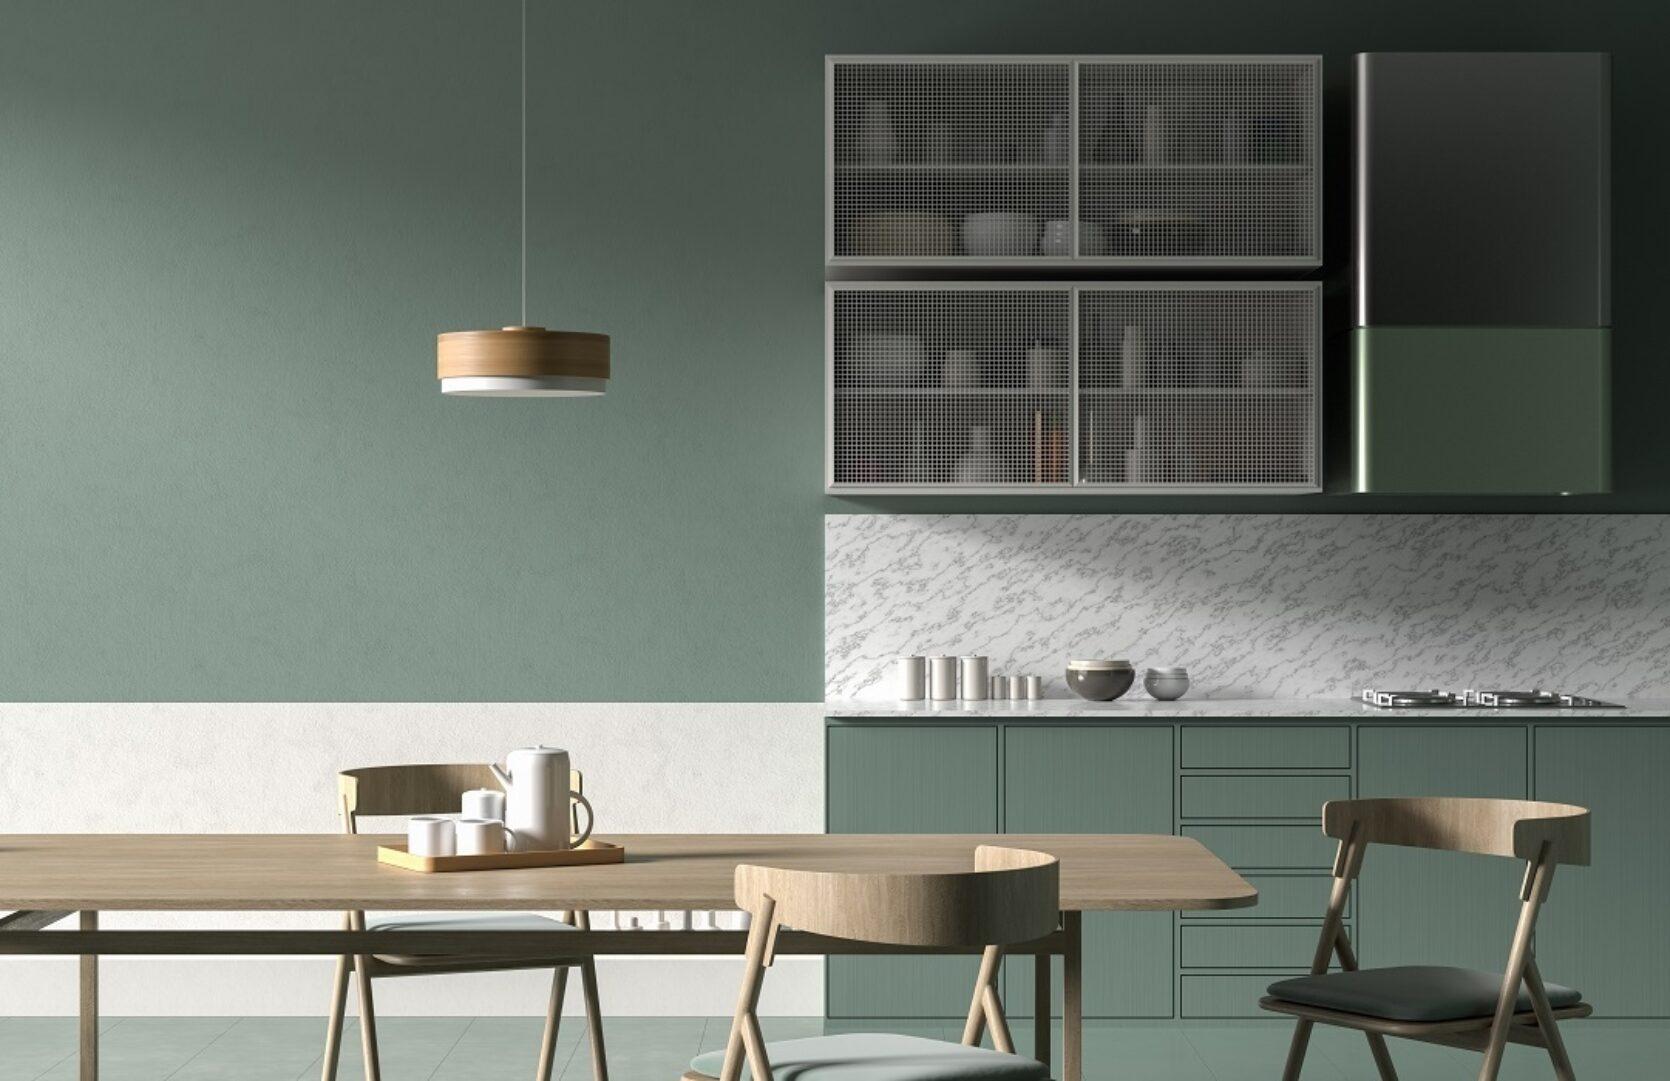 Kjøkken i grønne farger og moderne stil.